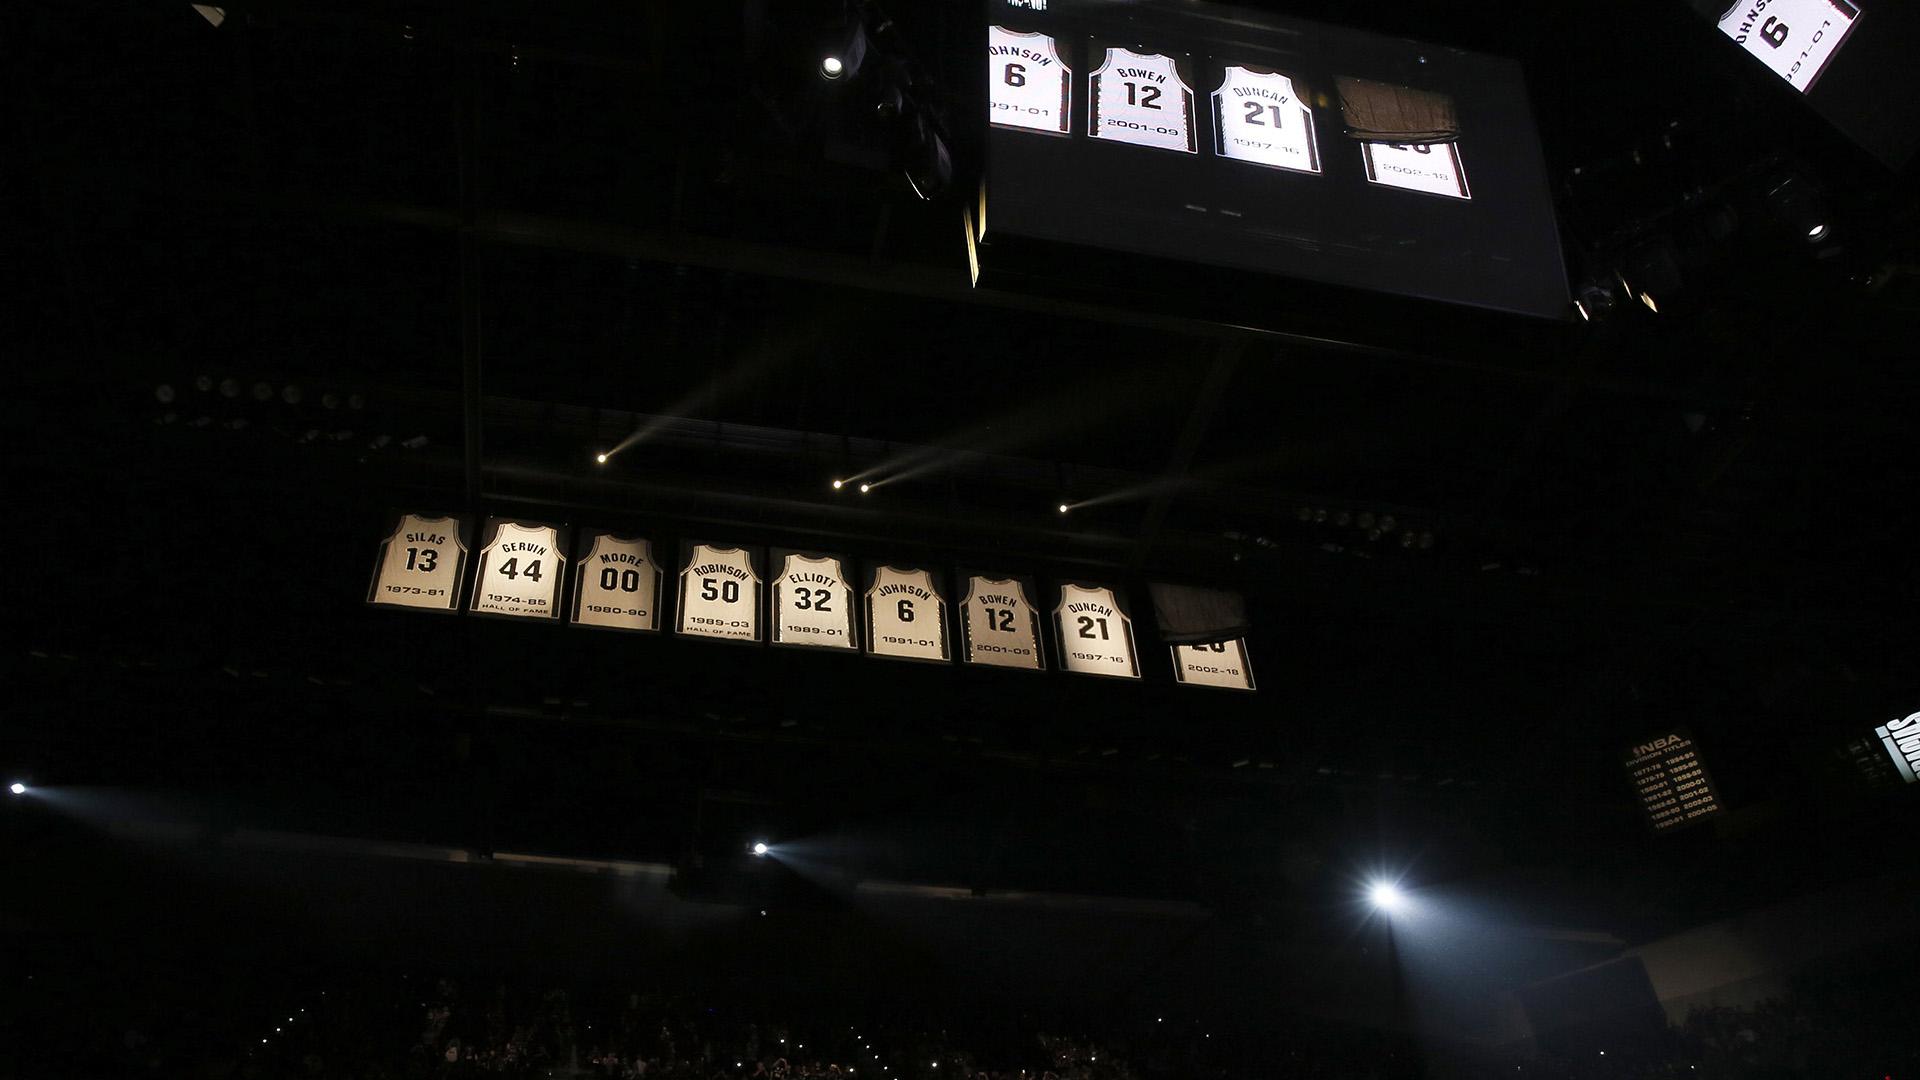 La camiseta del ex jugador de San Antonio Spurs, Manu Ginóbili, se dio a conocer durante una ceremonia para retirarlaN ° 20 en el AT&T Center después de un partido entre los Cleveland Cavaliers y San Antonio Spurs